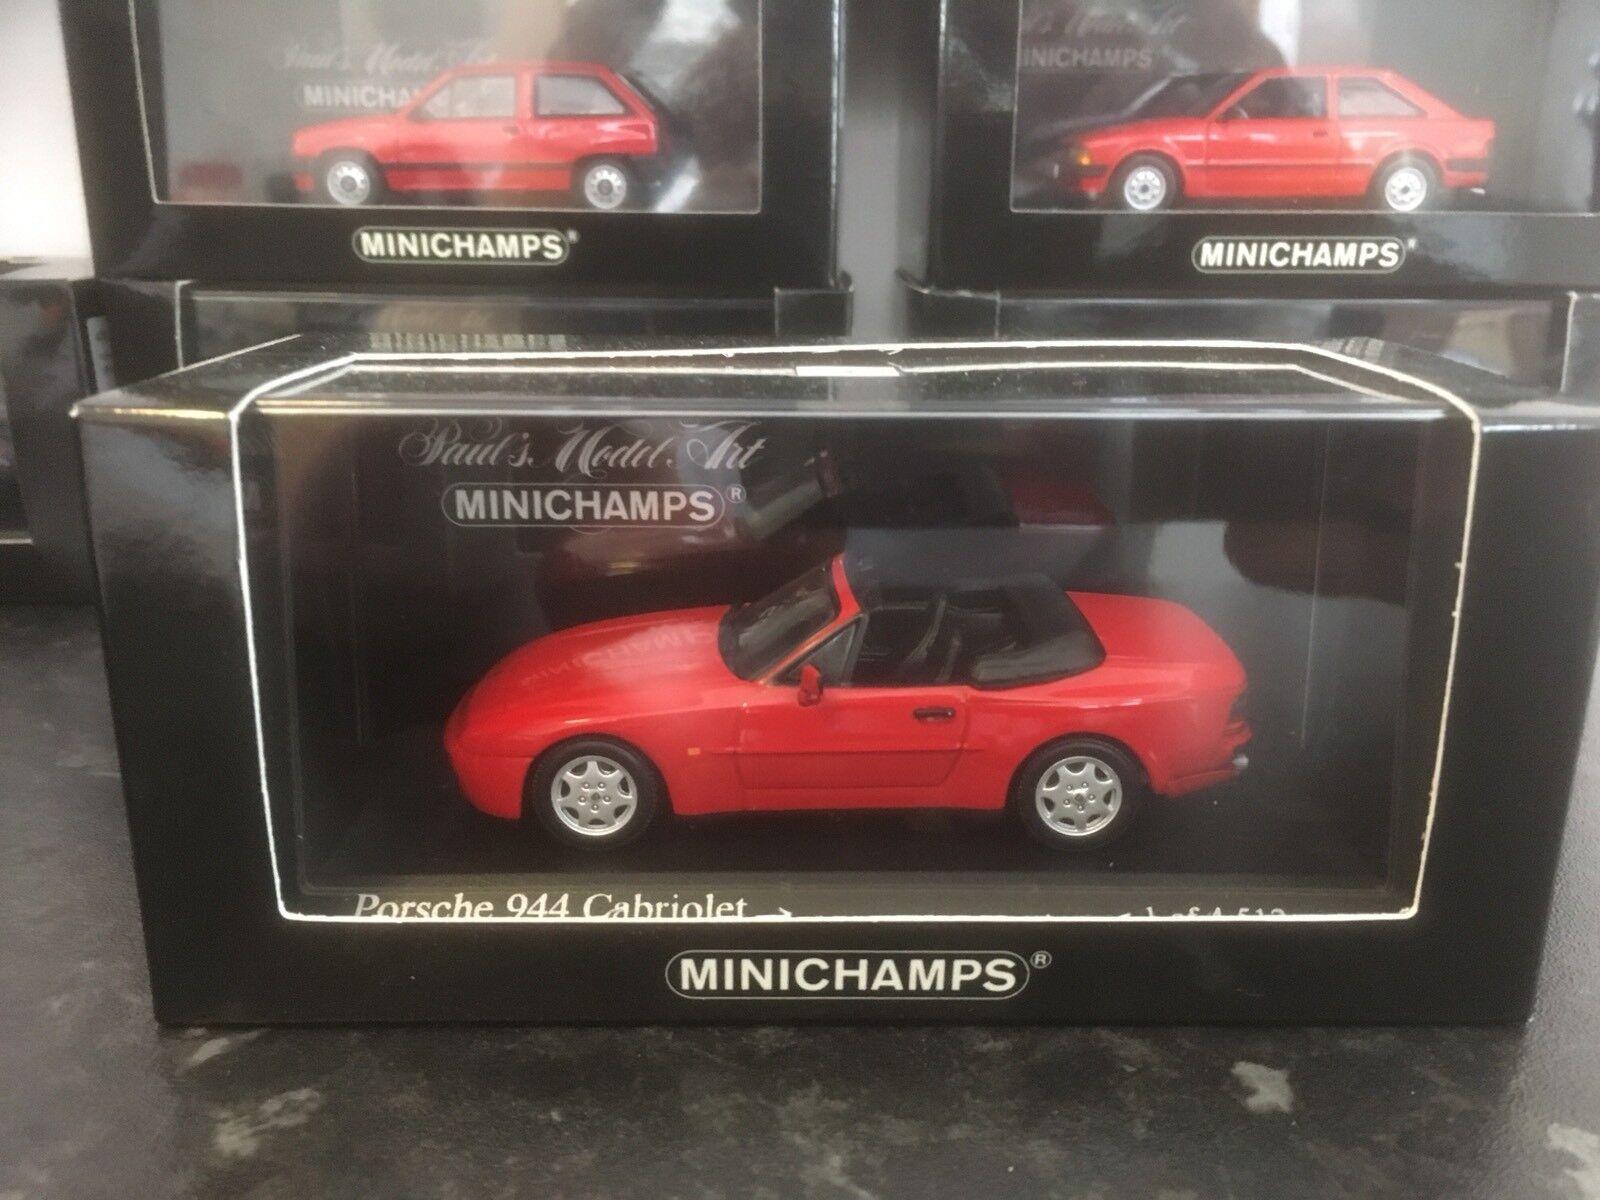 MINICHAMPS PORSCHE 944 CABRIOLET ROUGE 1991 1 43 En parfait état, dans sa boîte LTD ED